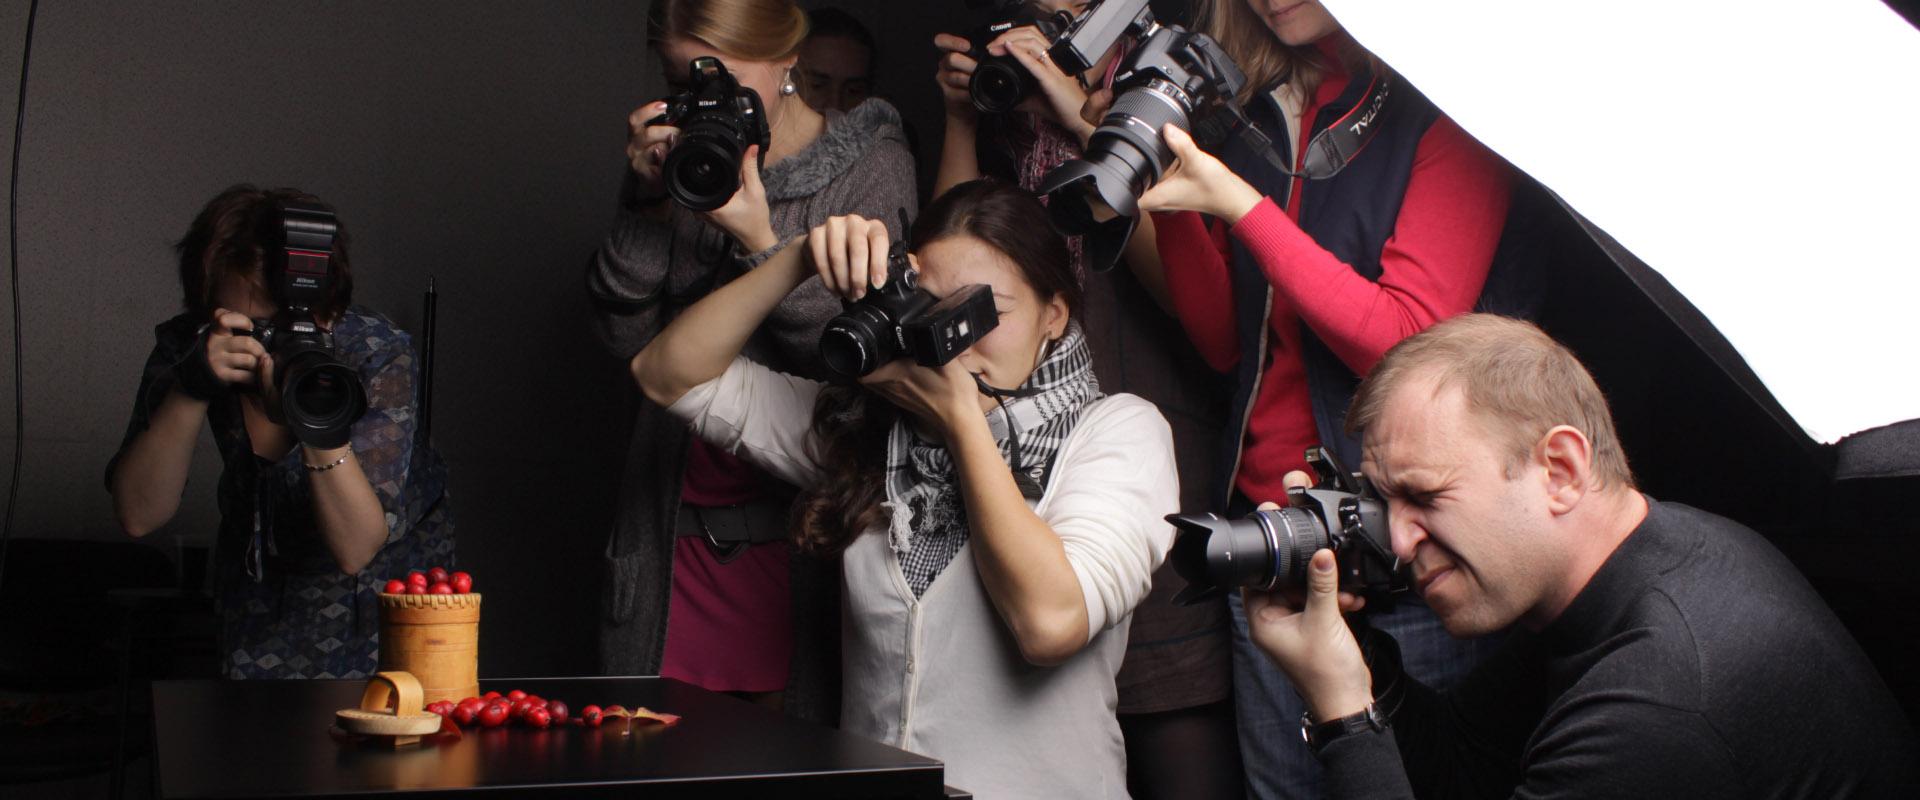 процесс обучения студийной фотосъёмке